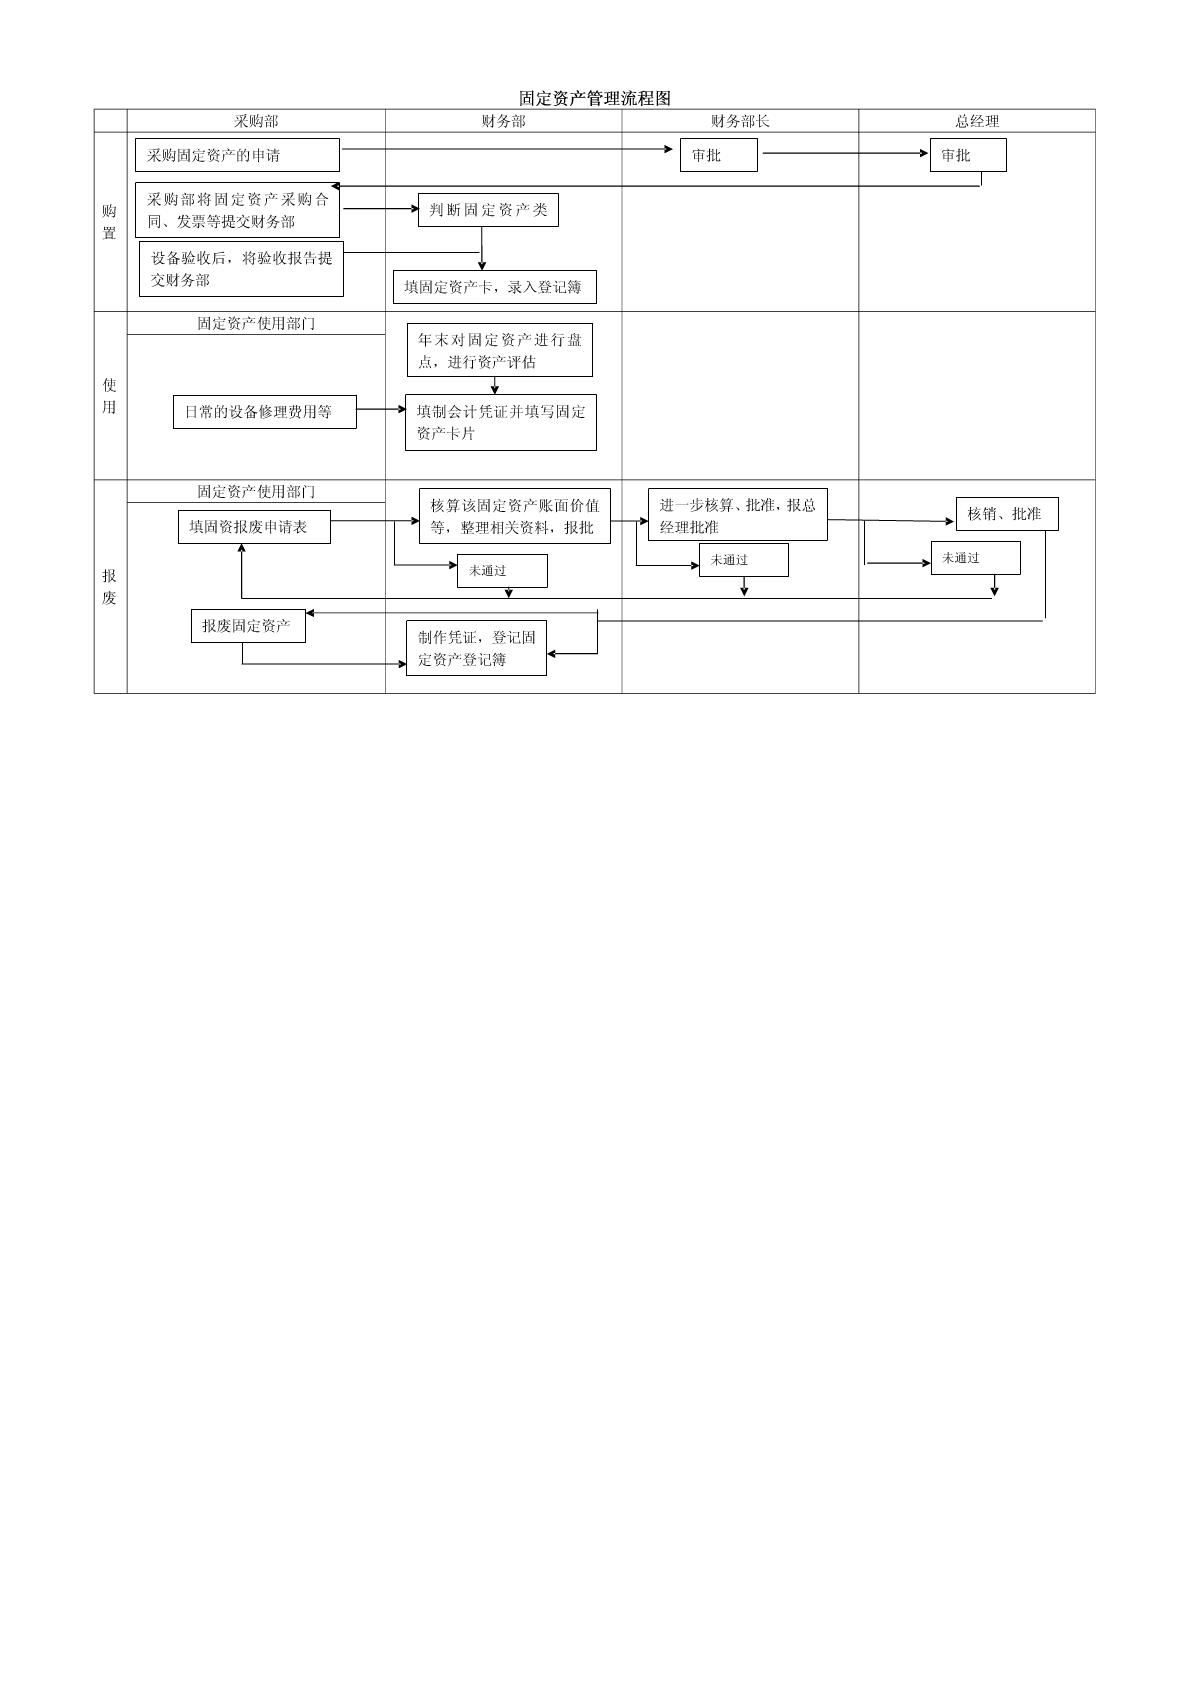 固定资产管理流程图以及解析